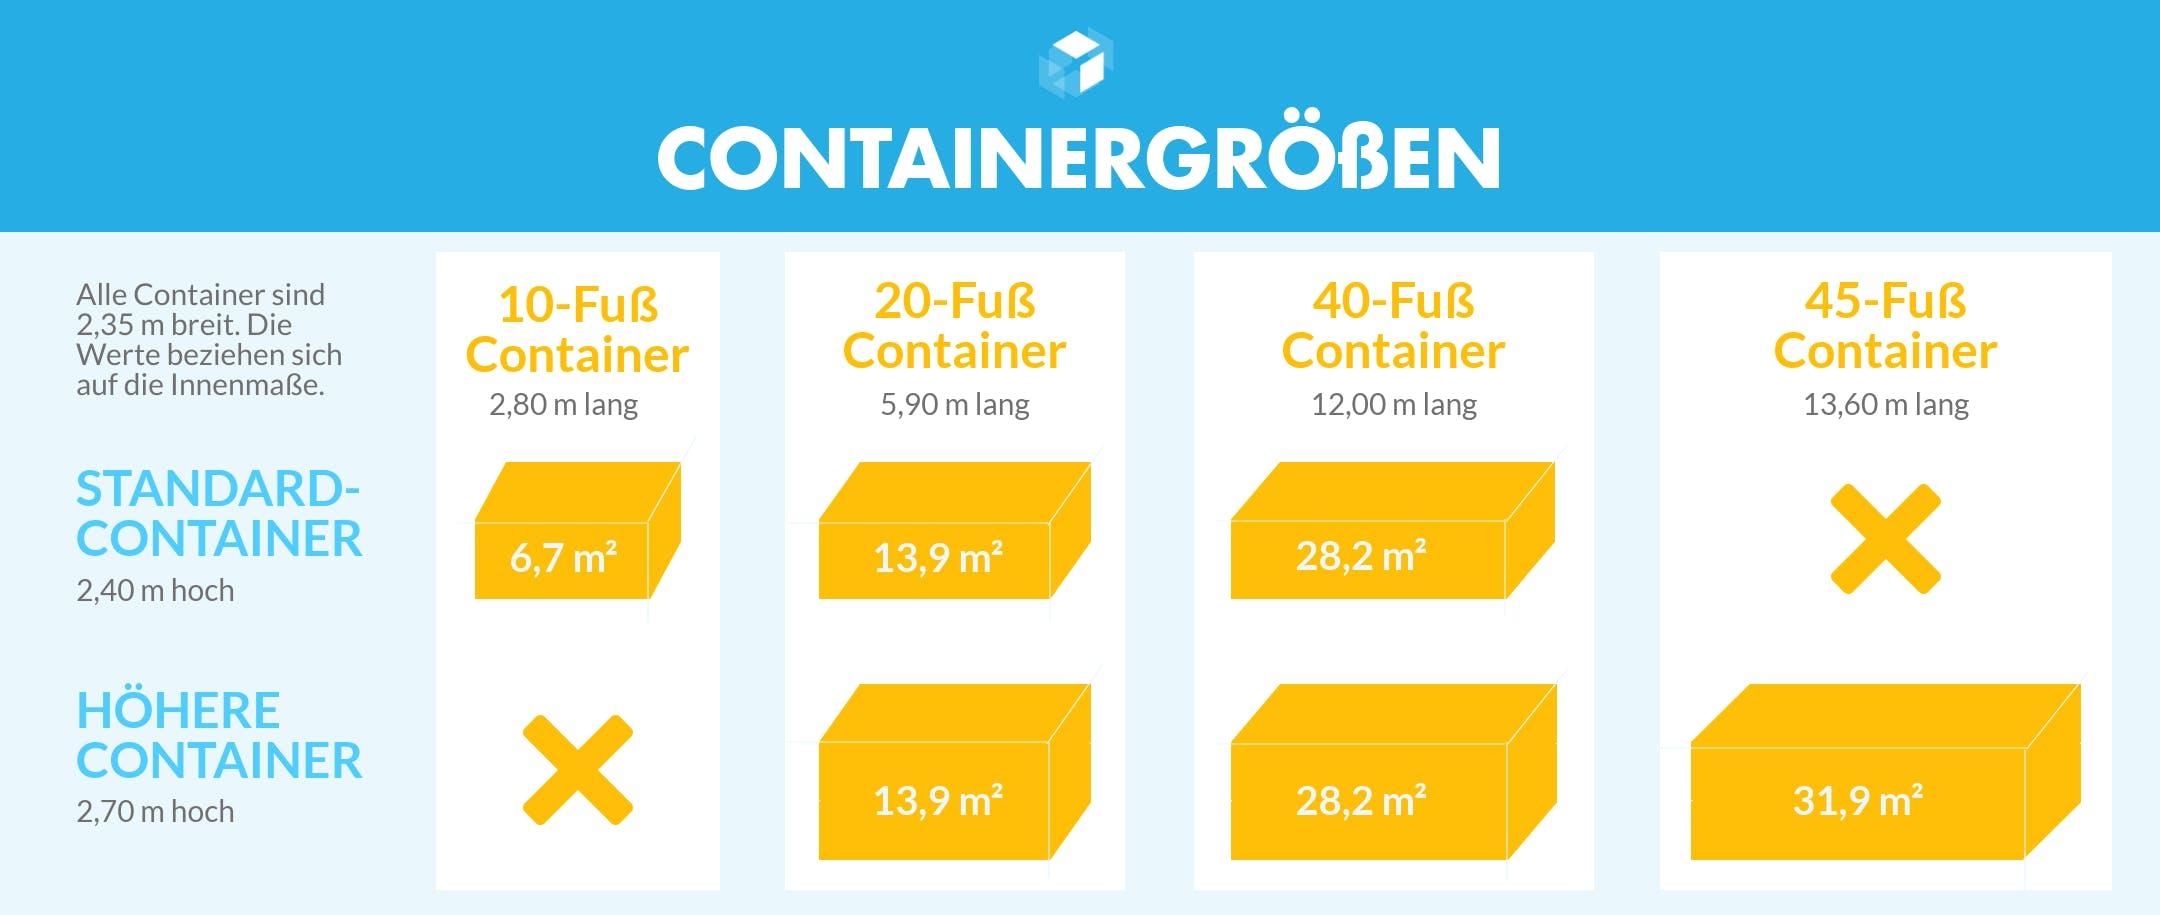 Infografik mit den Standardgrößen für Container zum Bauen